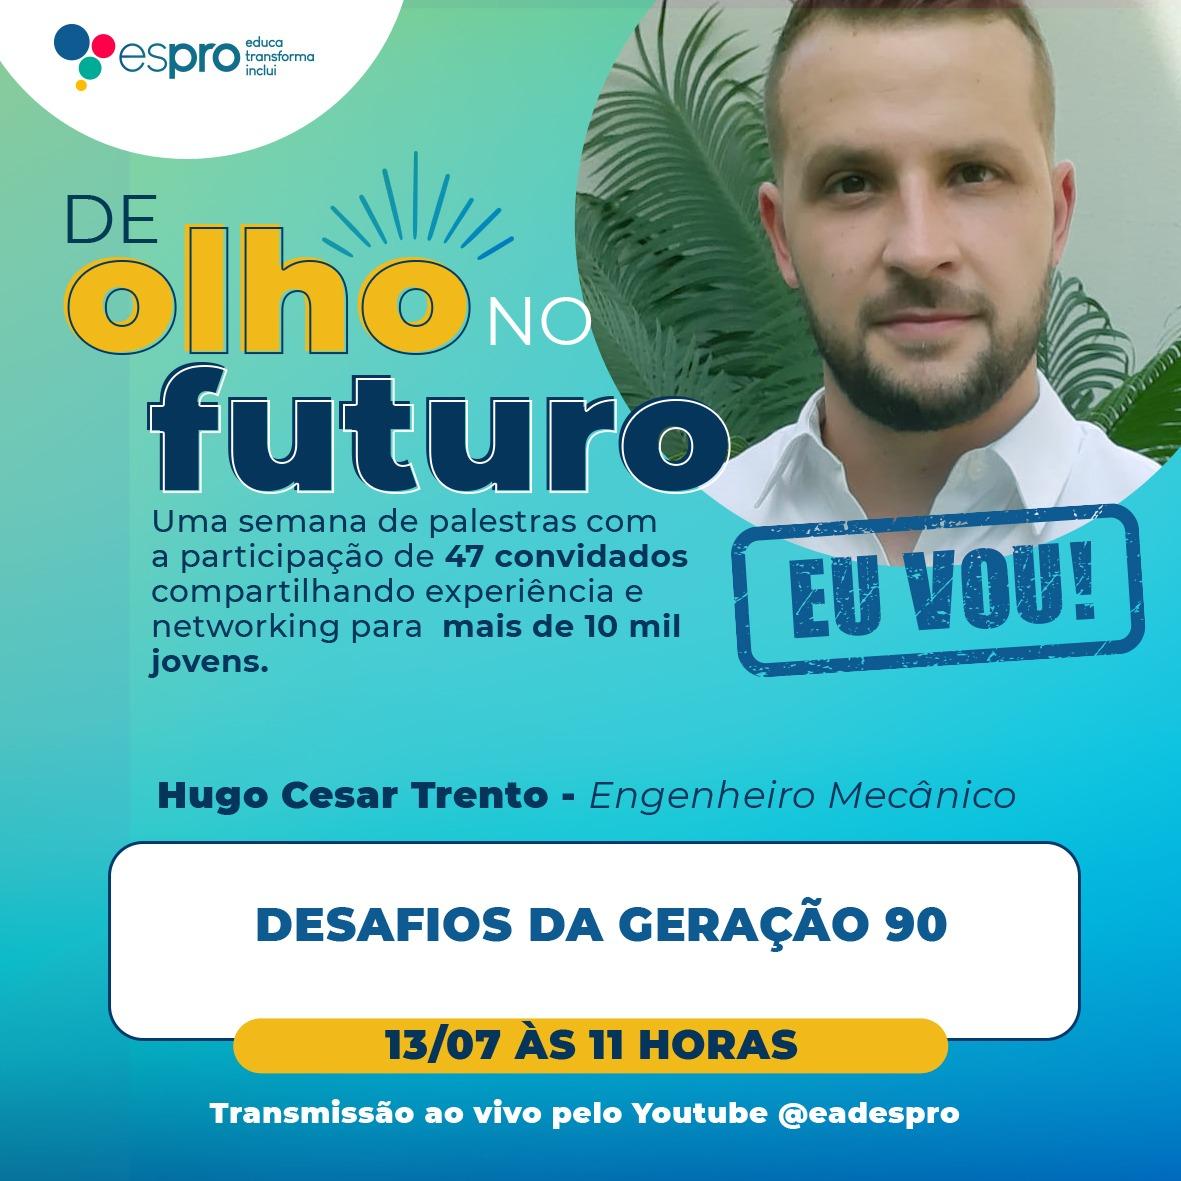 DESAFIOS DA GERAÇÃO 90